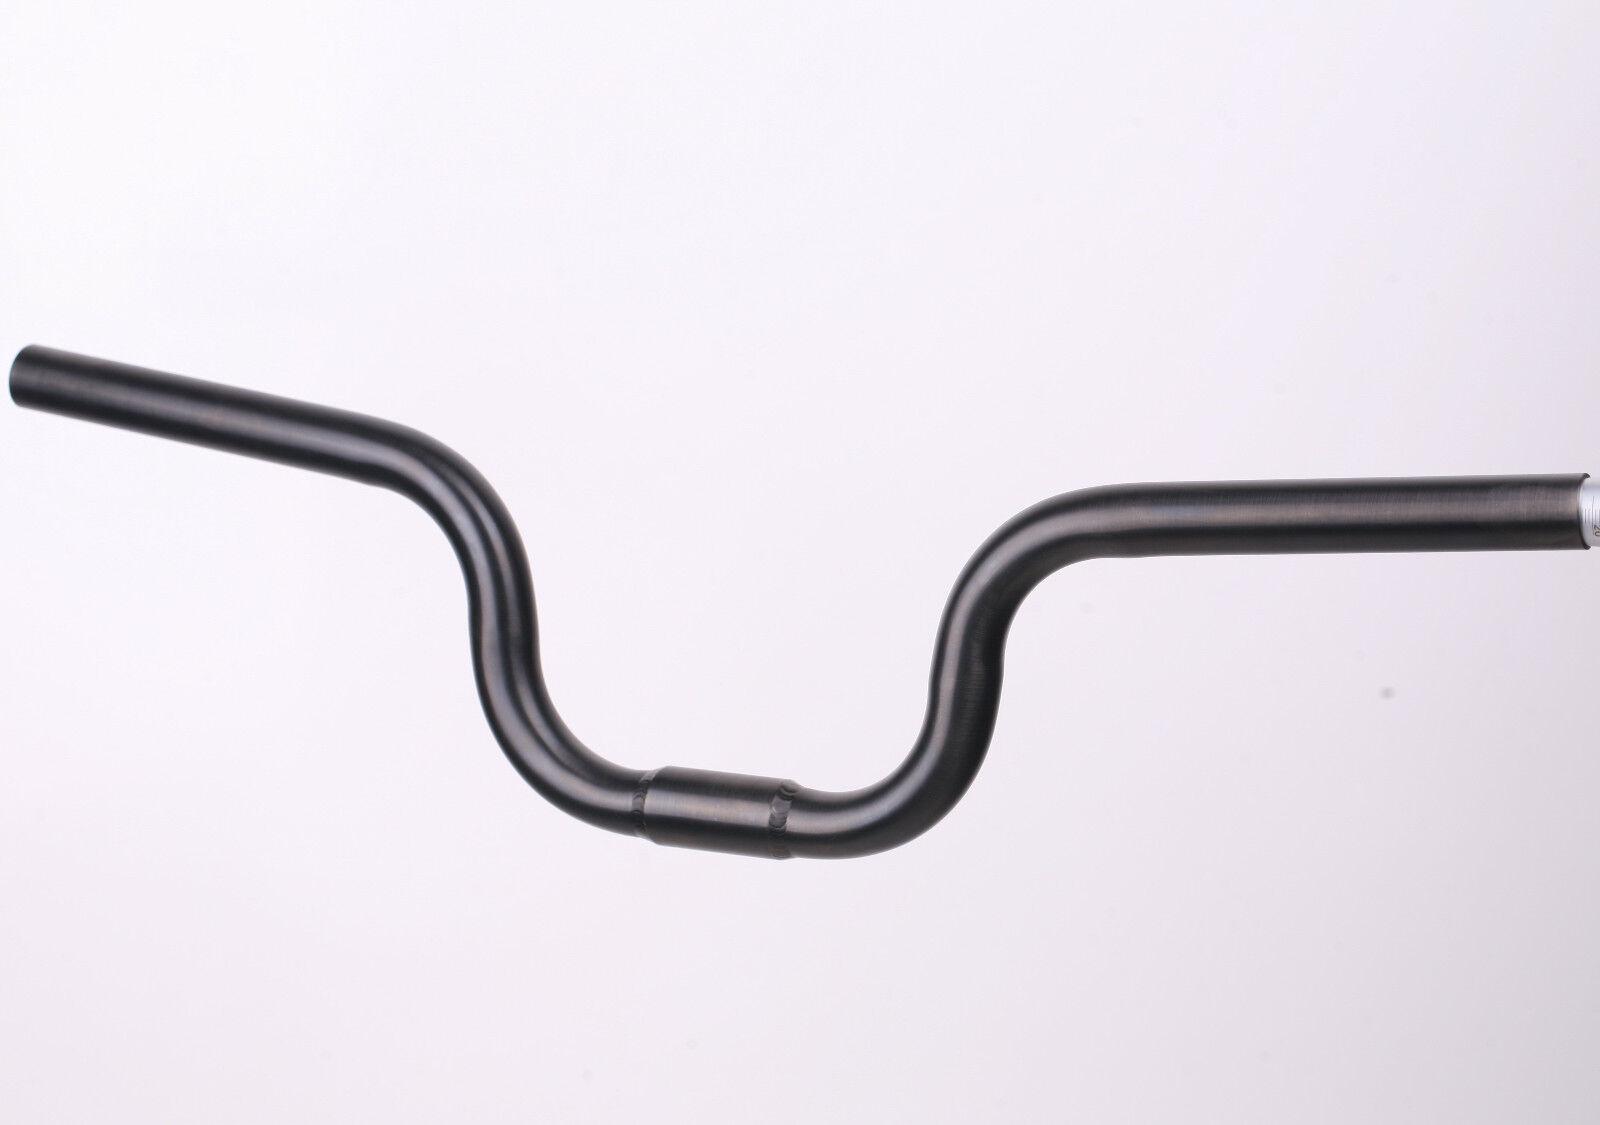 J&L titanio negro 25.4mm M-tipo H-Tipo Riser  Manillar Ajuste Brompton - 2017 2018  venderse como panqueques